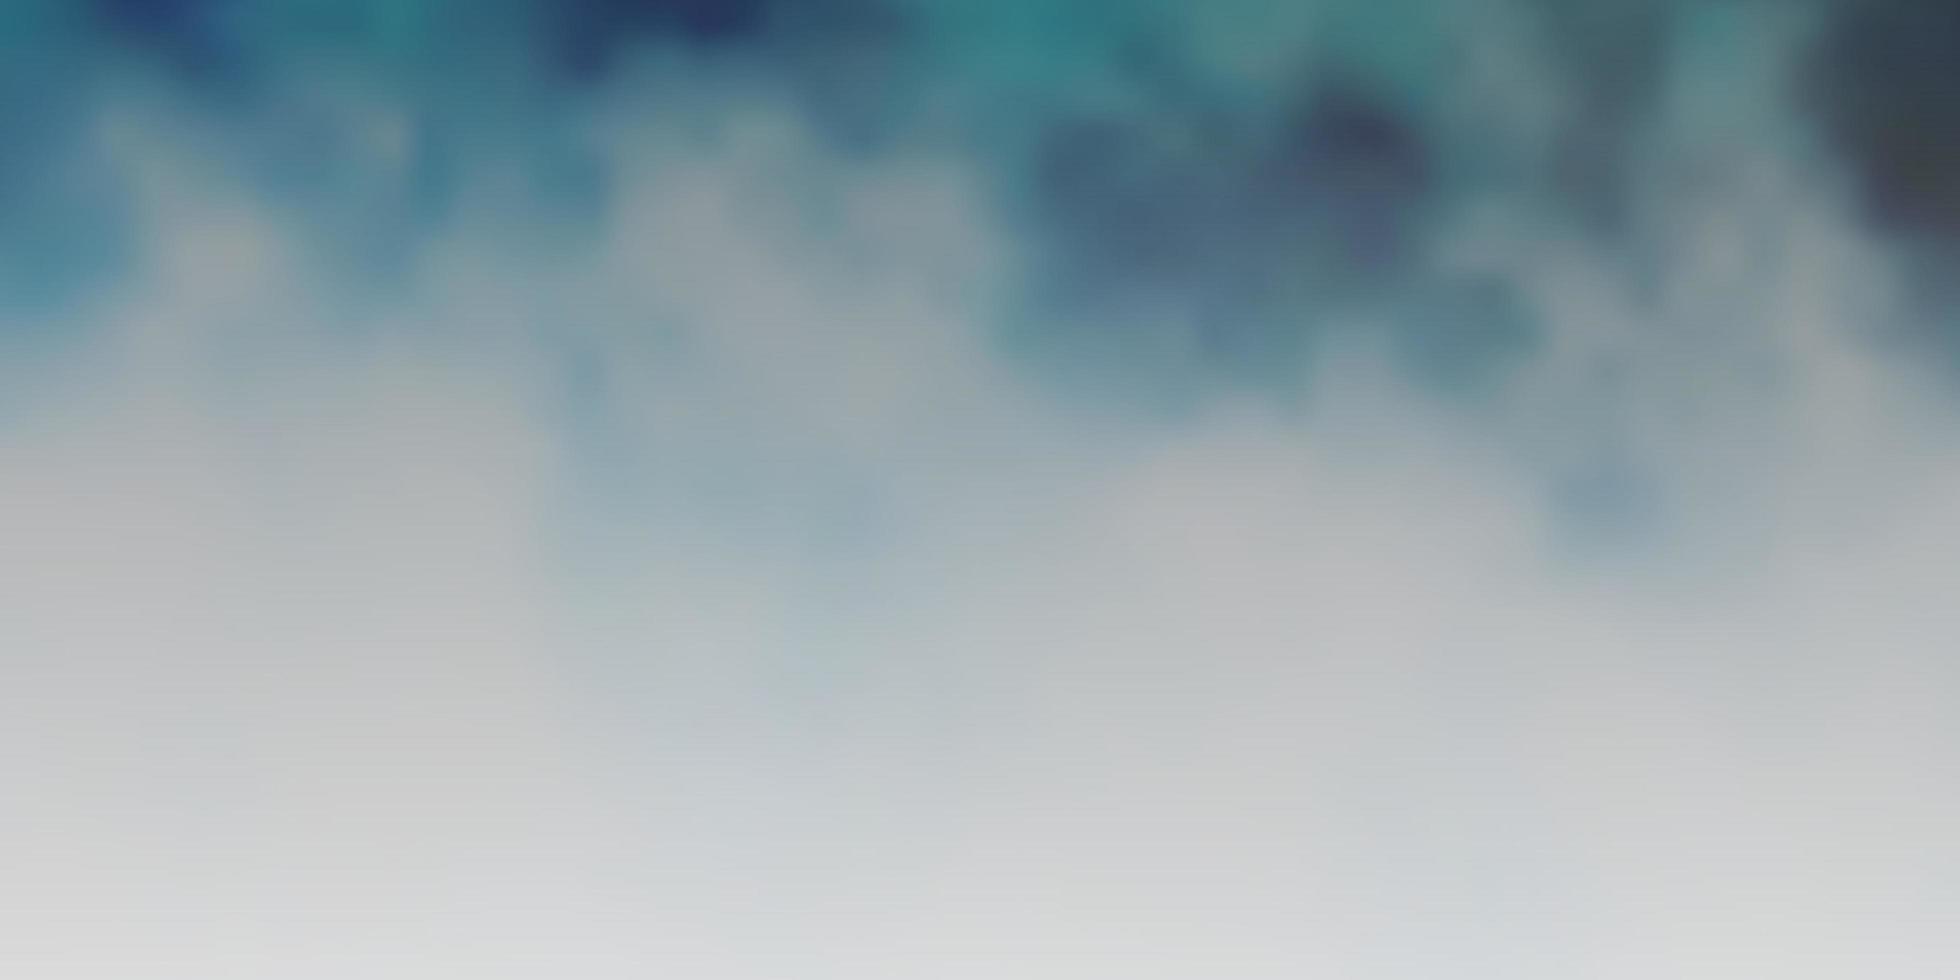 modelo de vetor azul escuro com céu, nuvens.